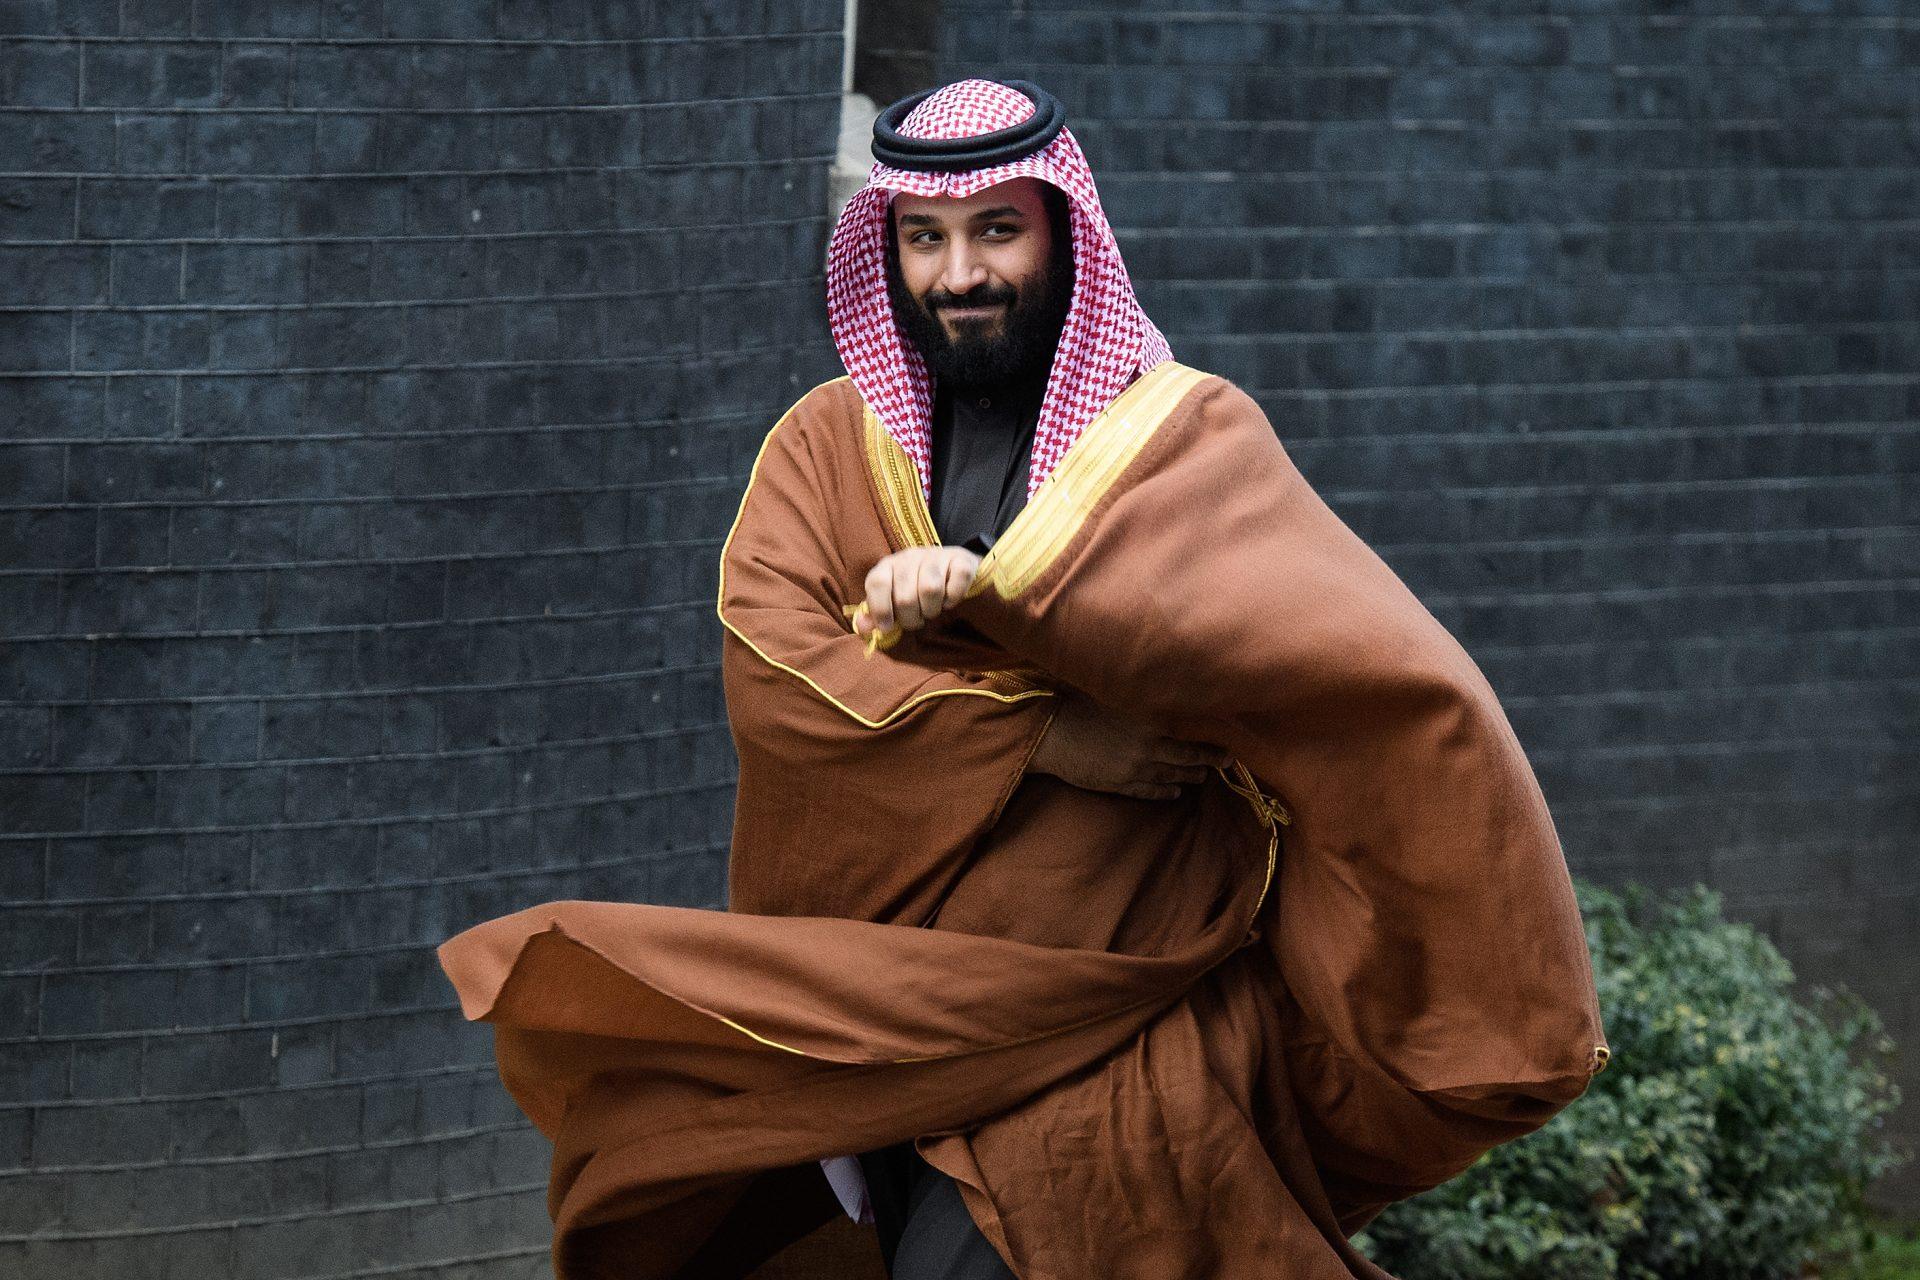 Prințul Arabiei Saudite își asumă responsabilitatea uciderii lui Khashoggi… dar nu prea